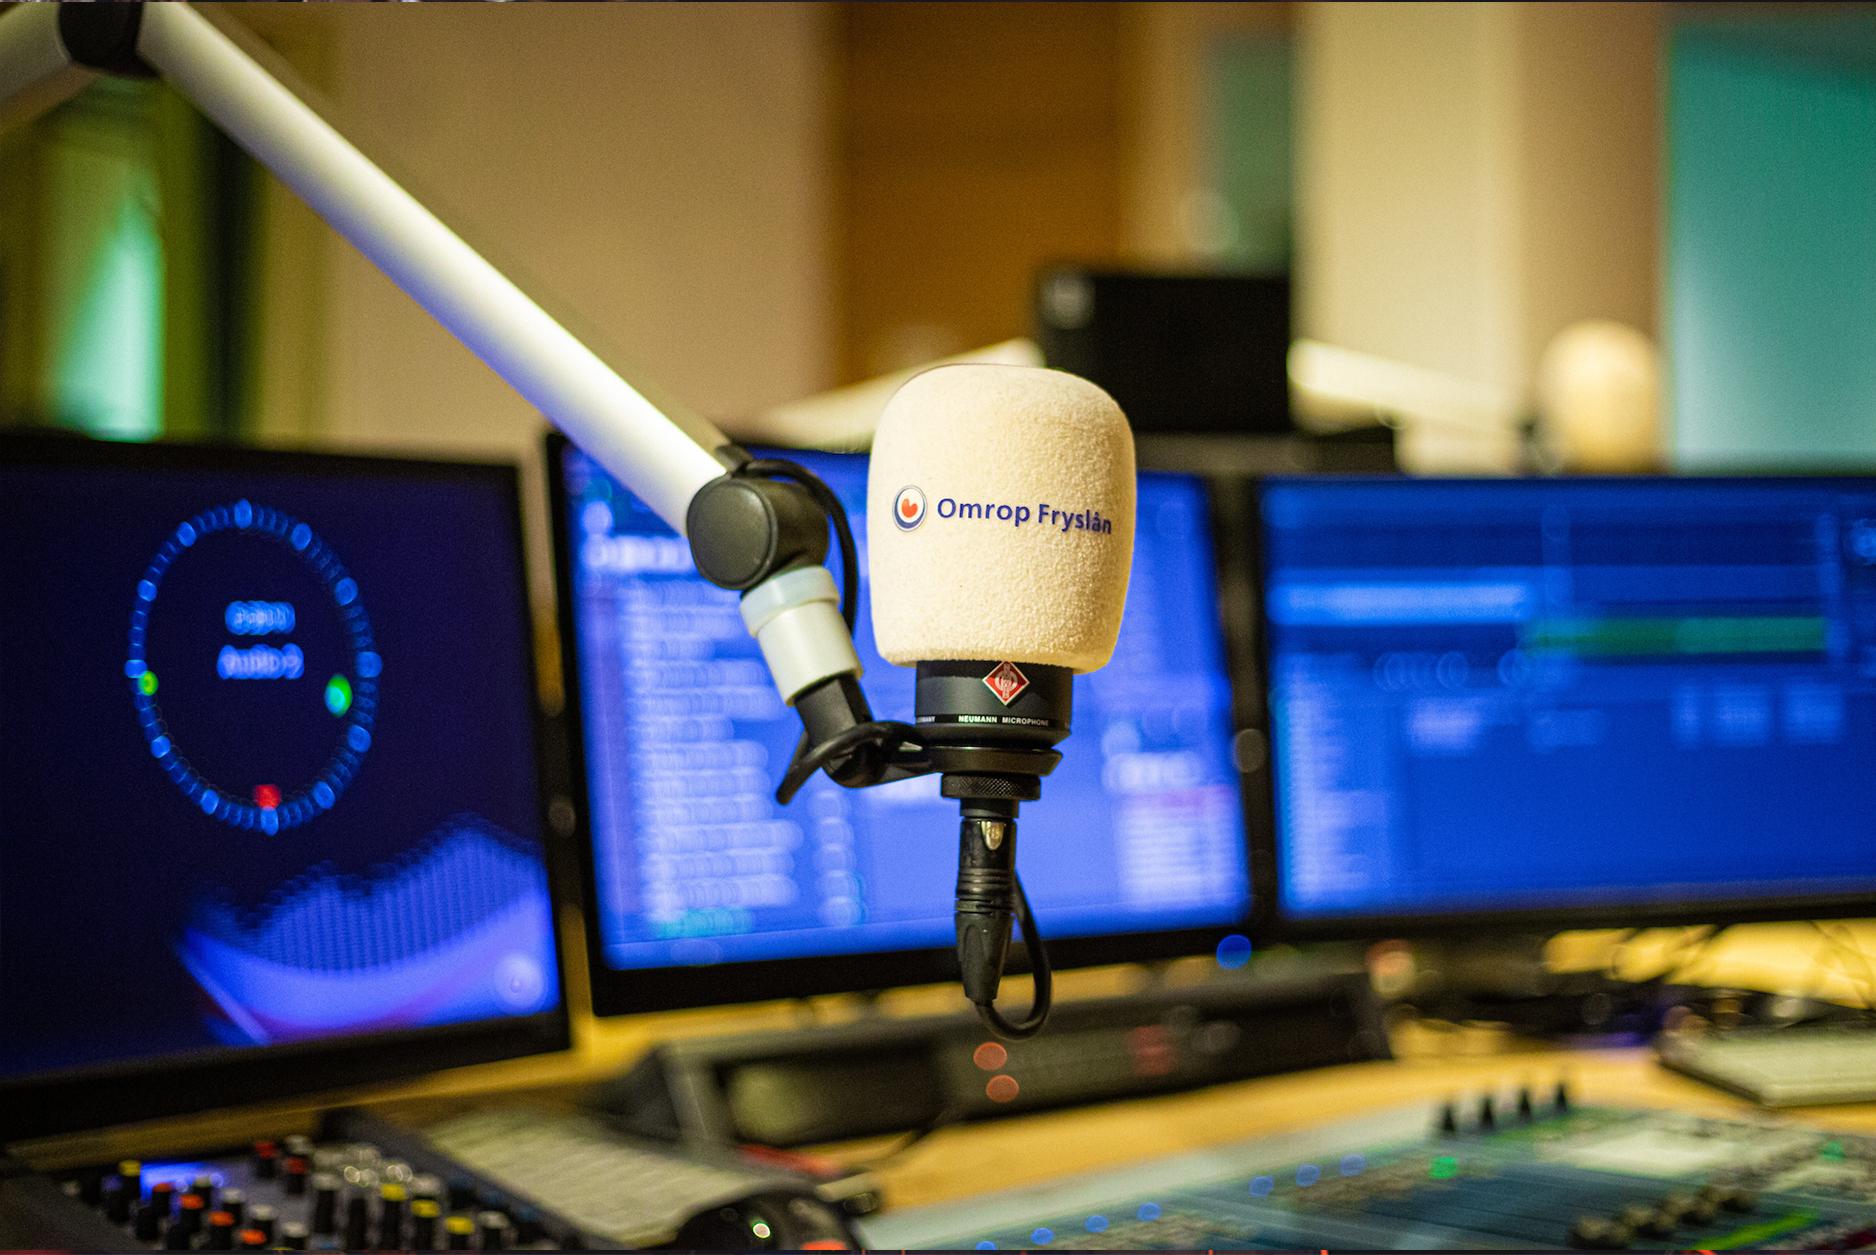 vanaf 31 mei komt Omrop Fryslân met een nieuwe radioprogrammering